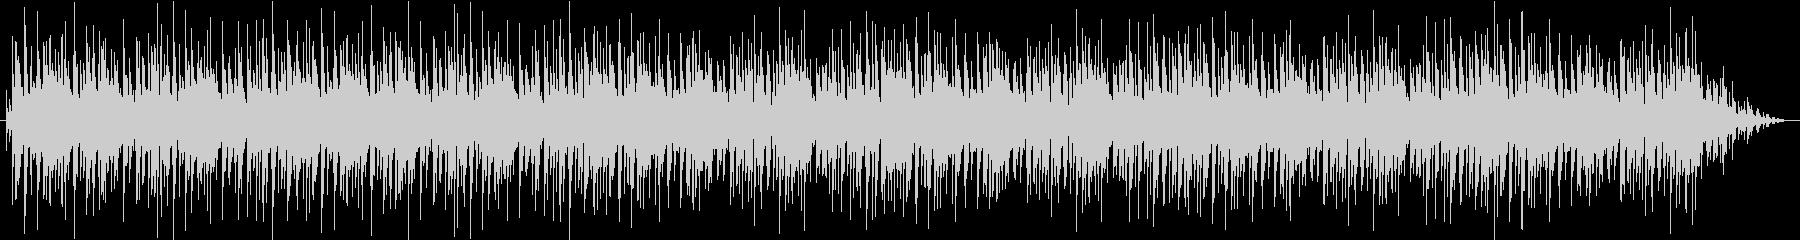 イージーゴーイングなロックンロールの未再生の波形